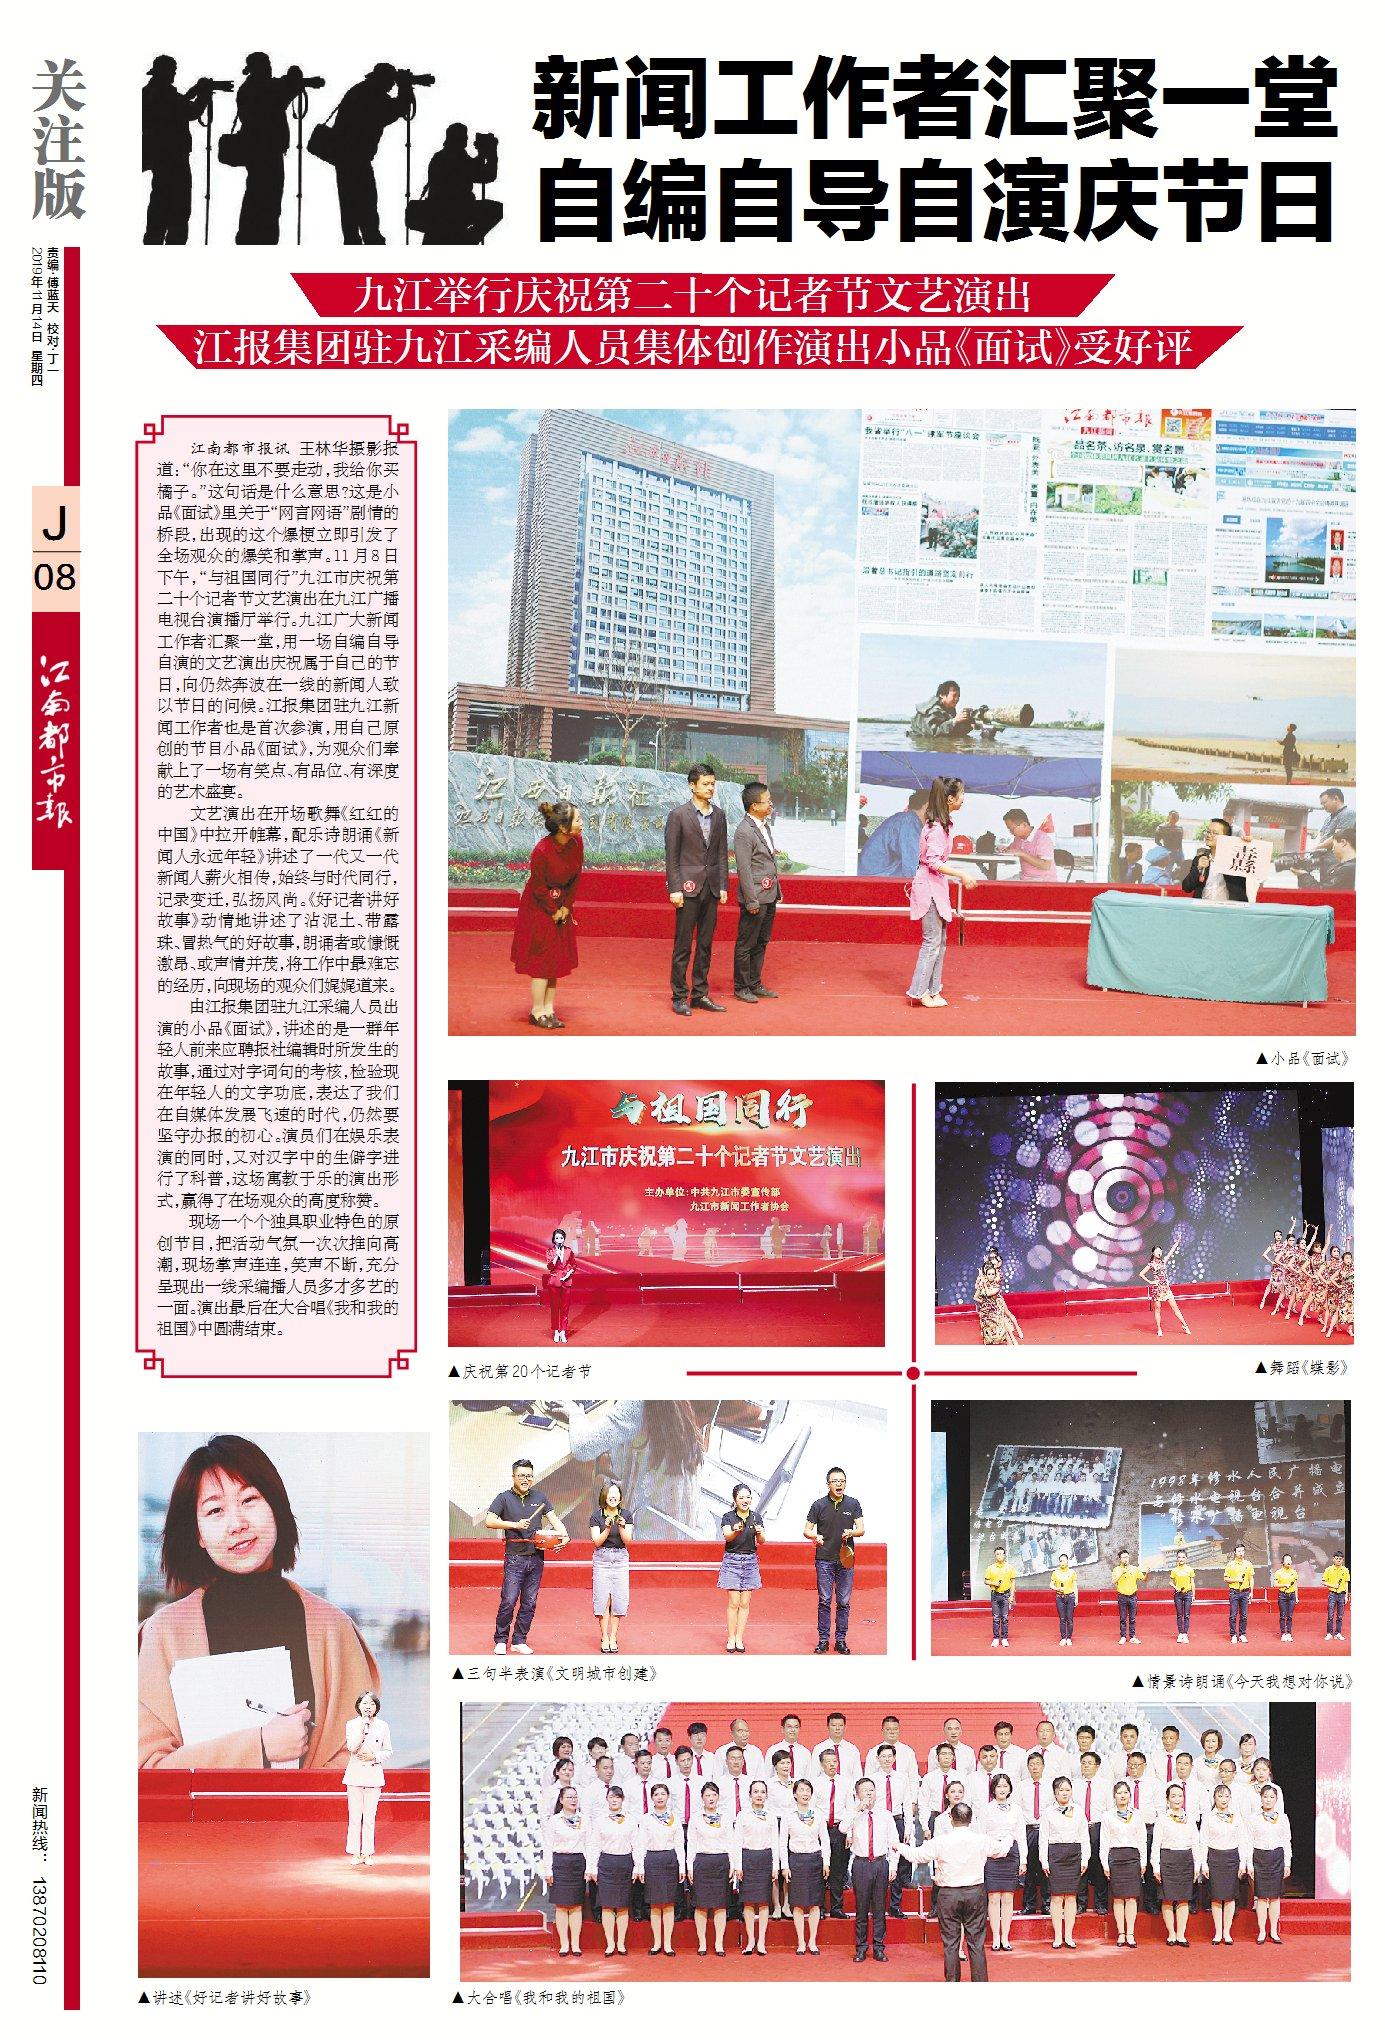 2019年11月14日江南都市报《亚博体育app苹果新闻》8版